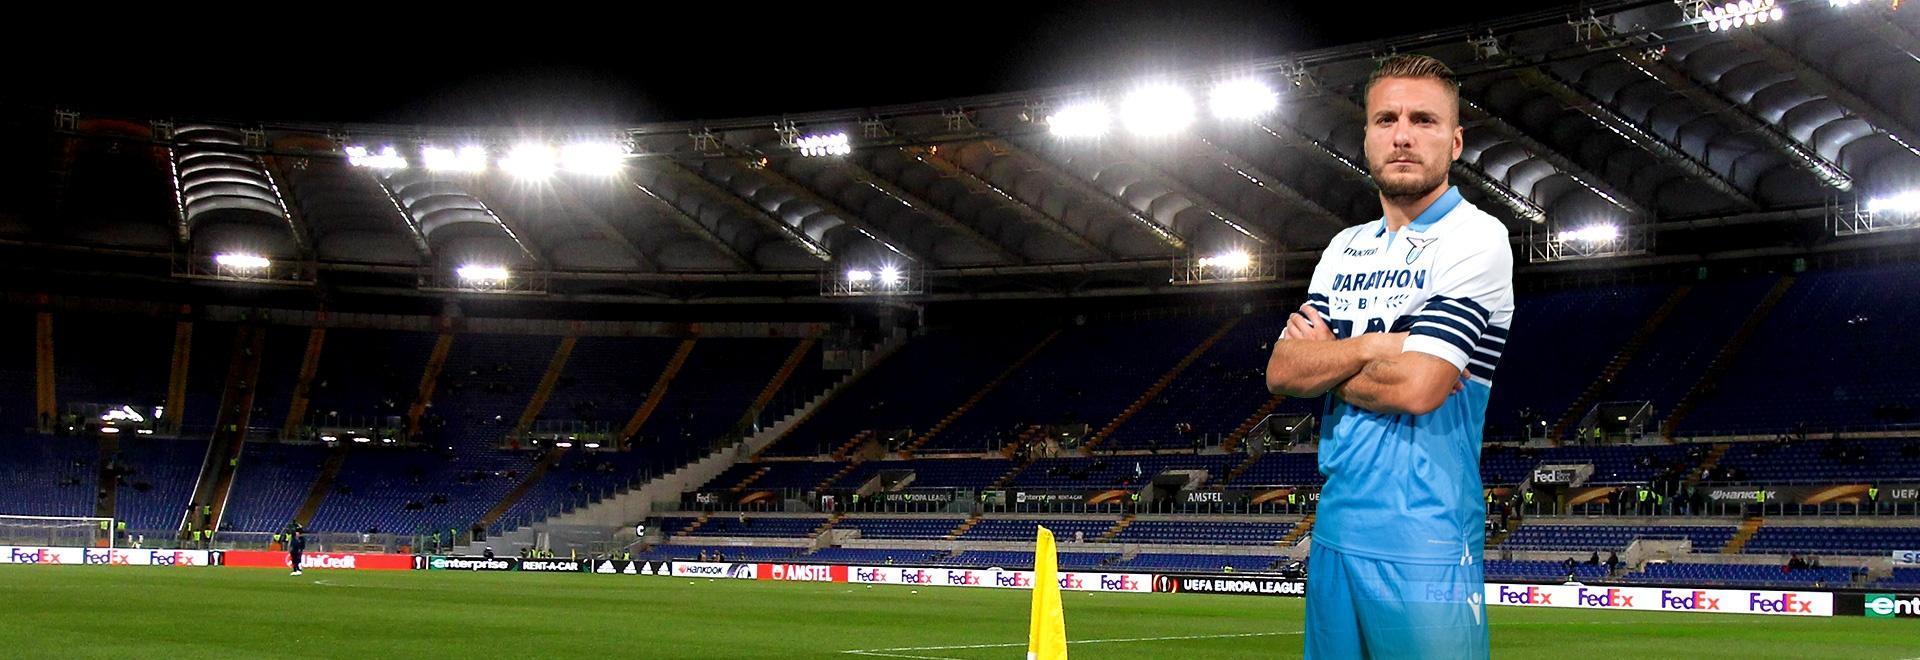 Lazio Girone d'andata